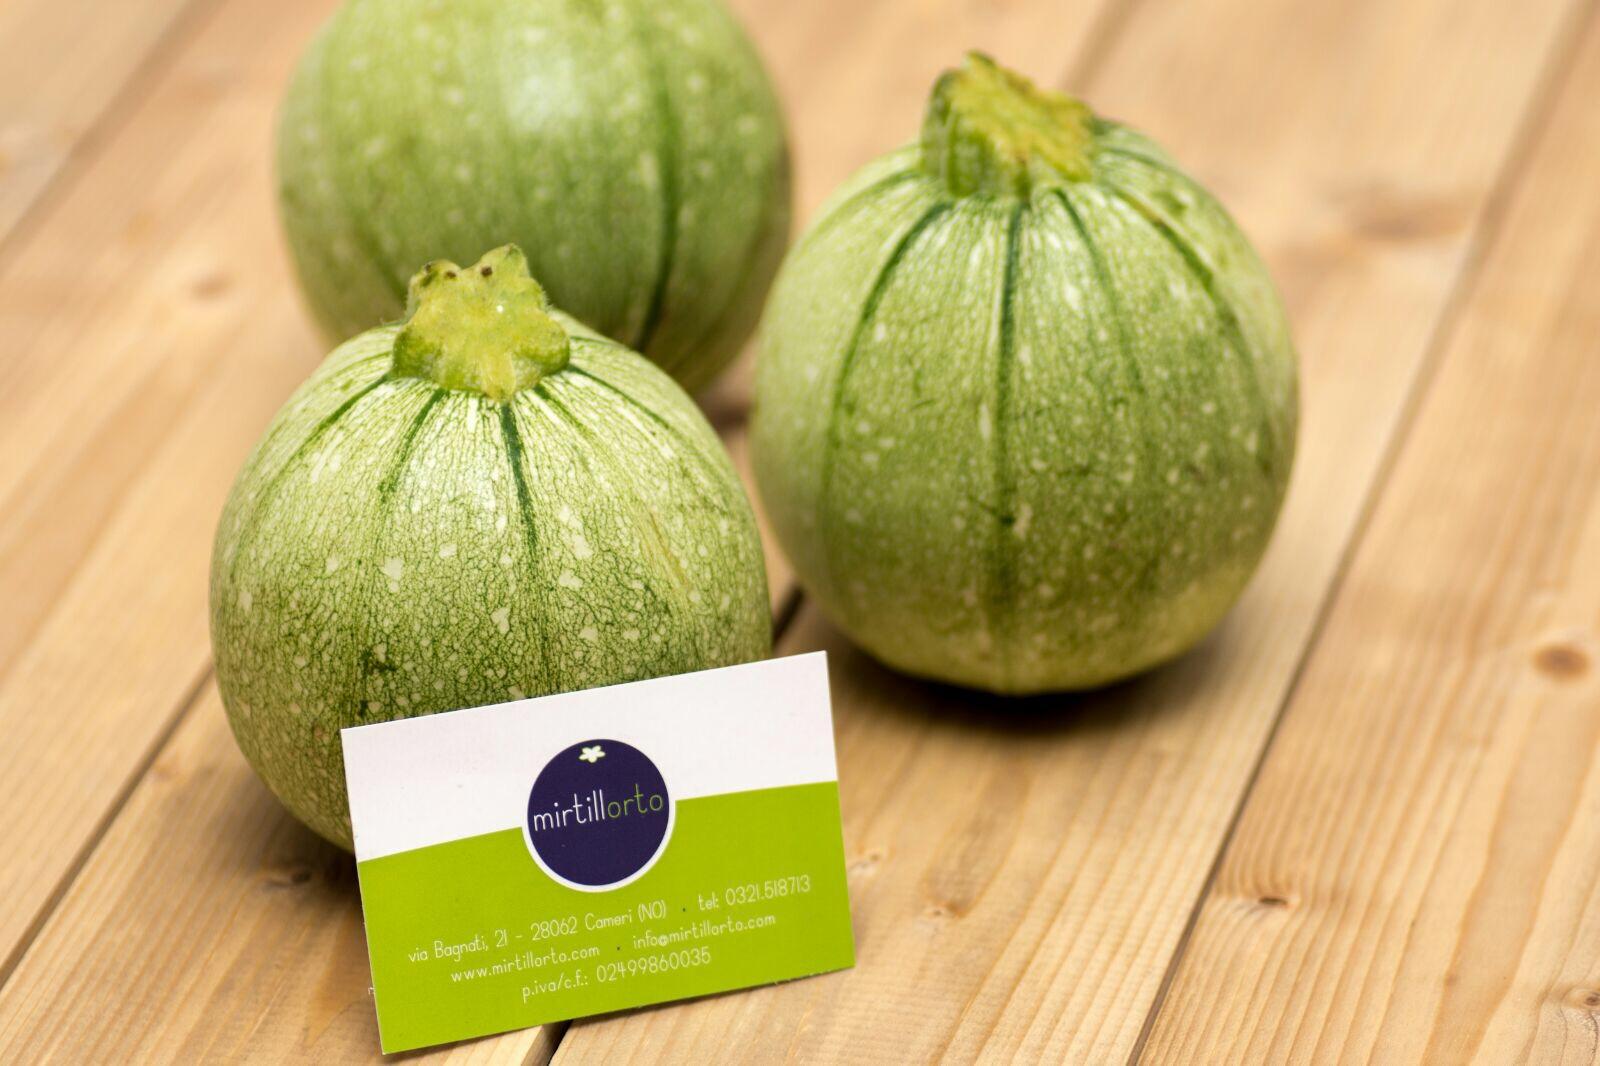 zucchine tonde del mirtillorto